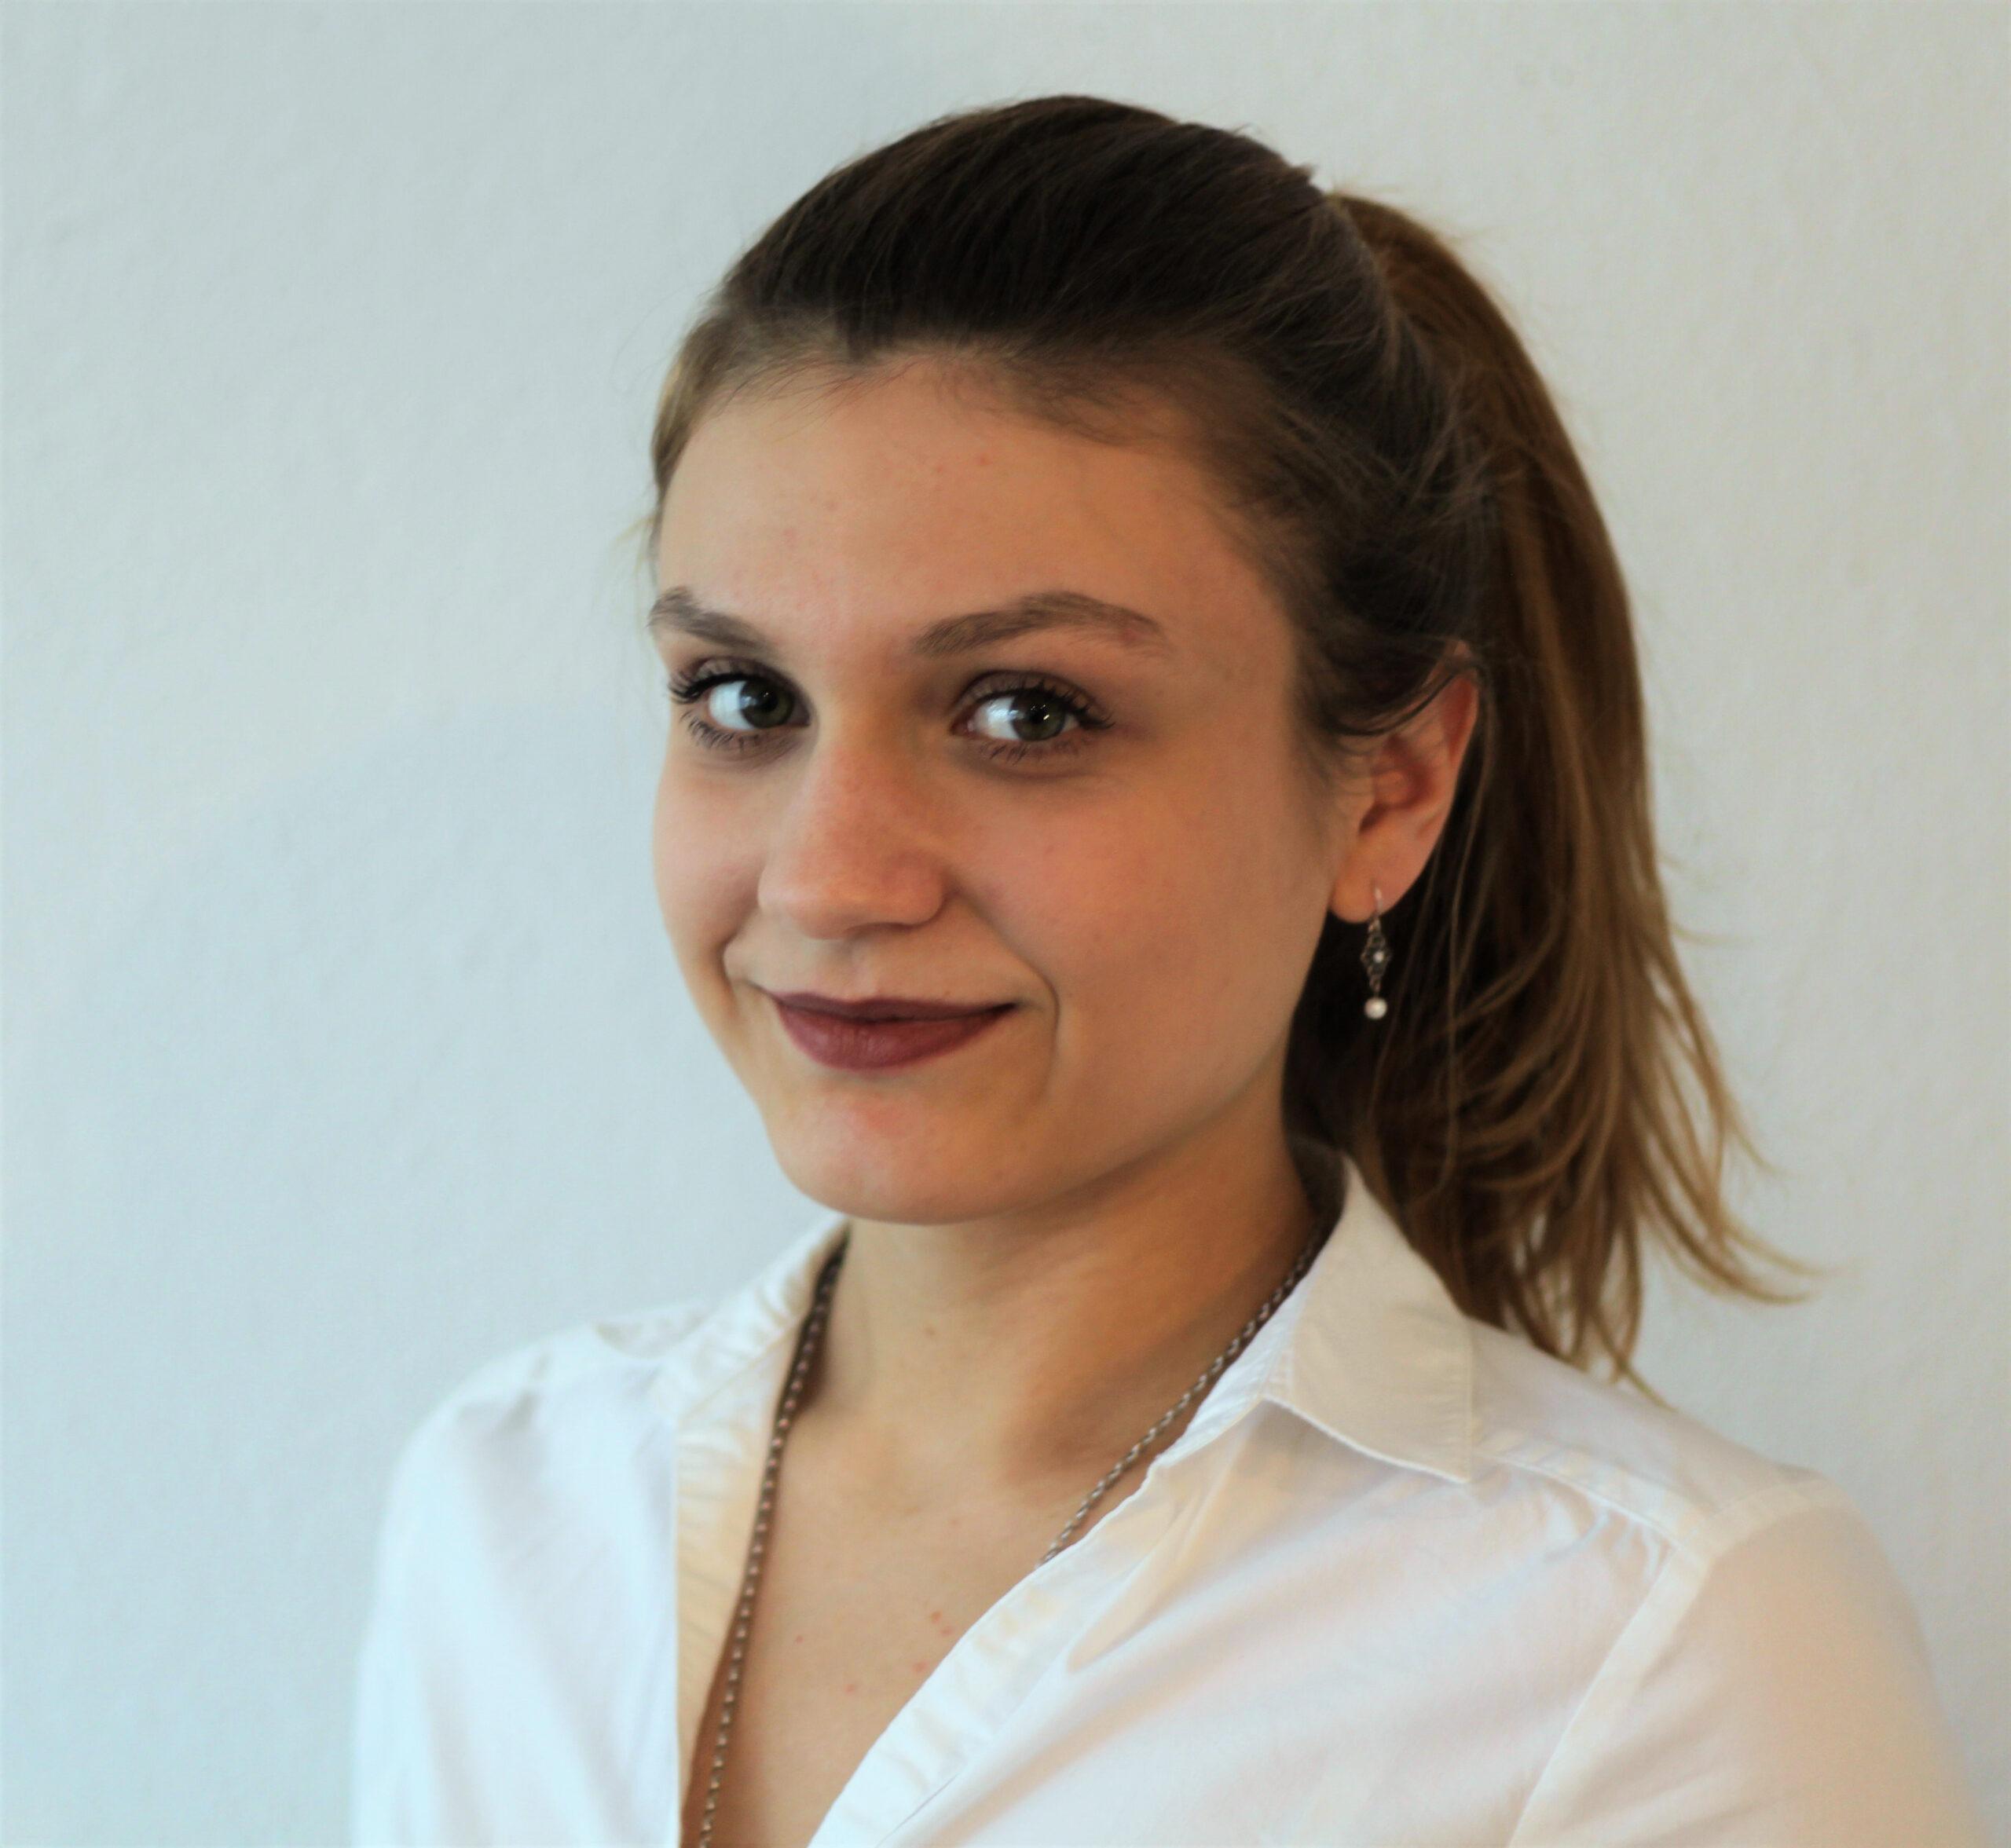 Larissa Eiler